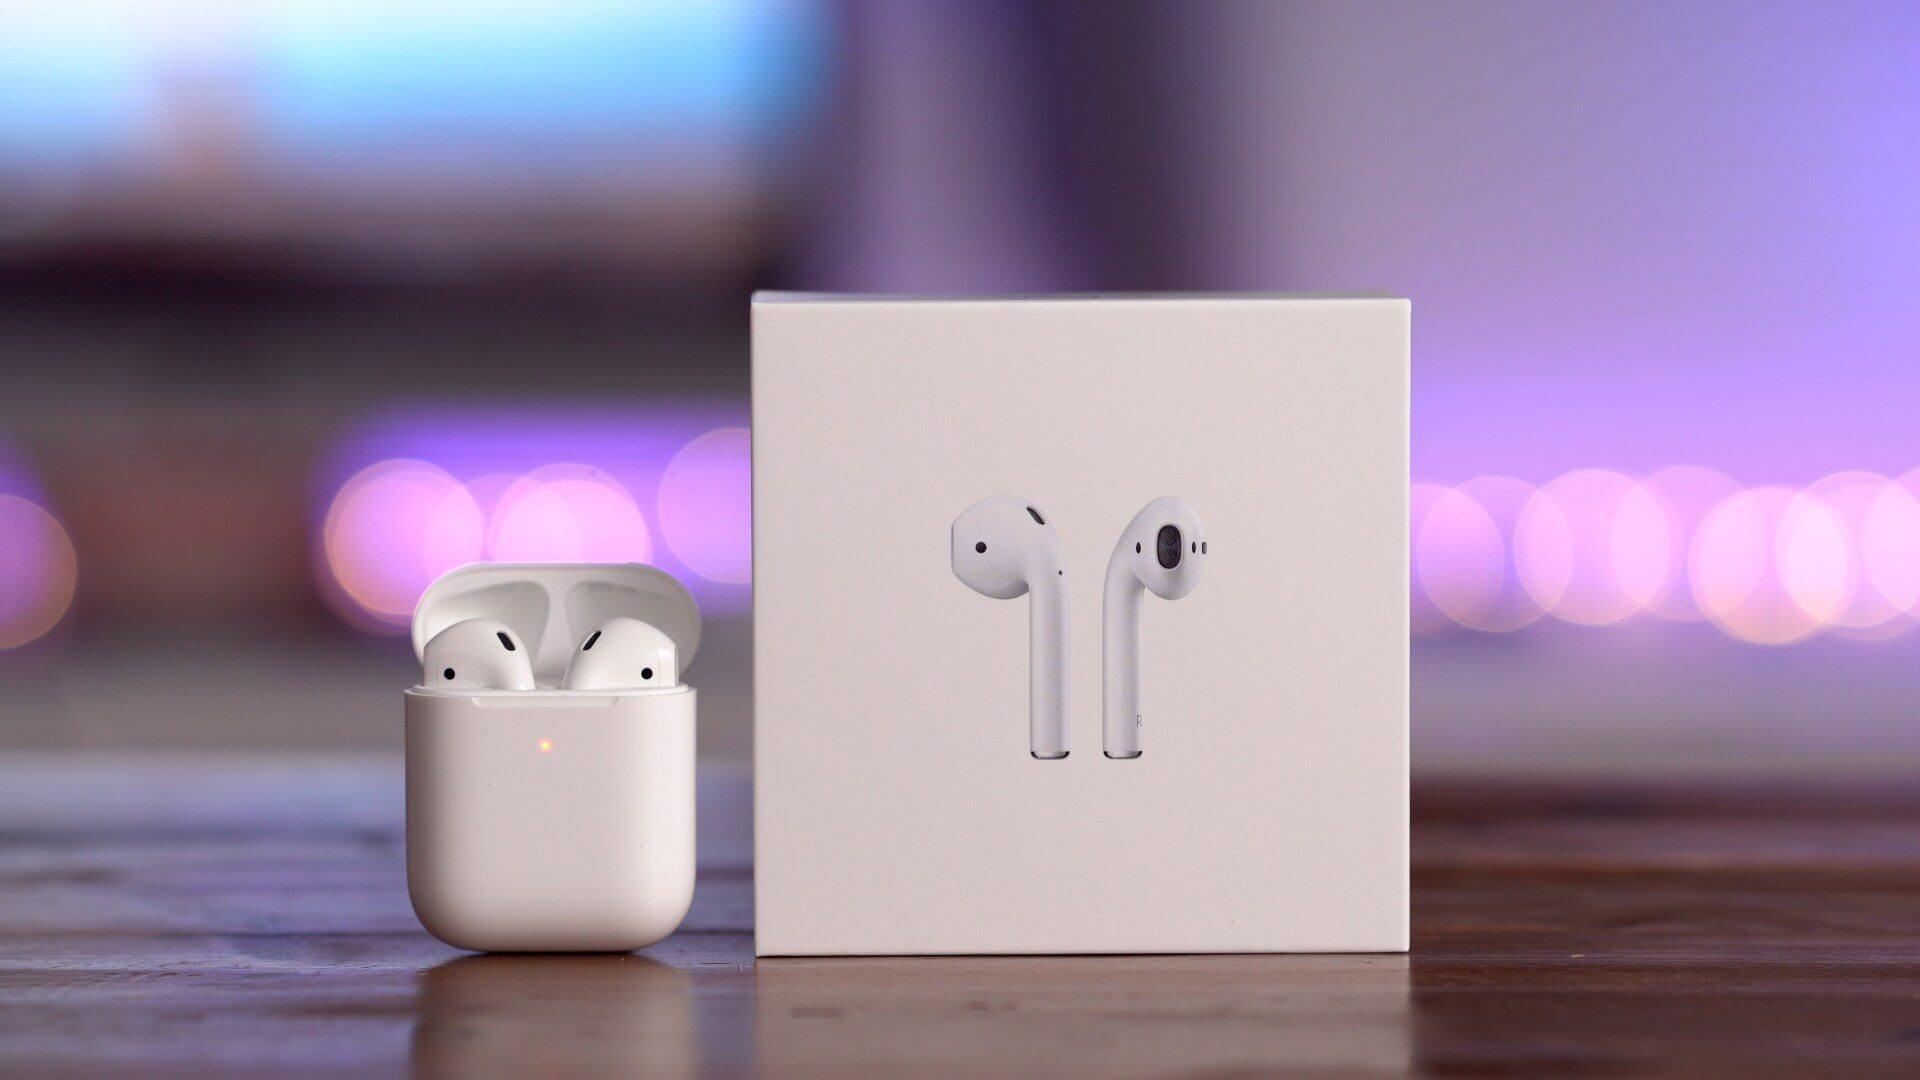 Распродажа на мероприятии Apple начинается перед основным докладом на следующей неделе